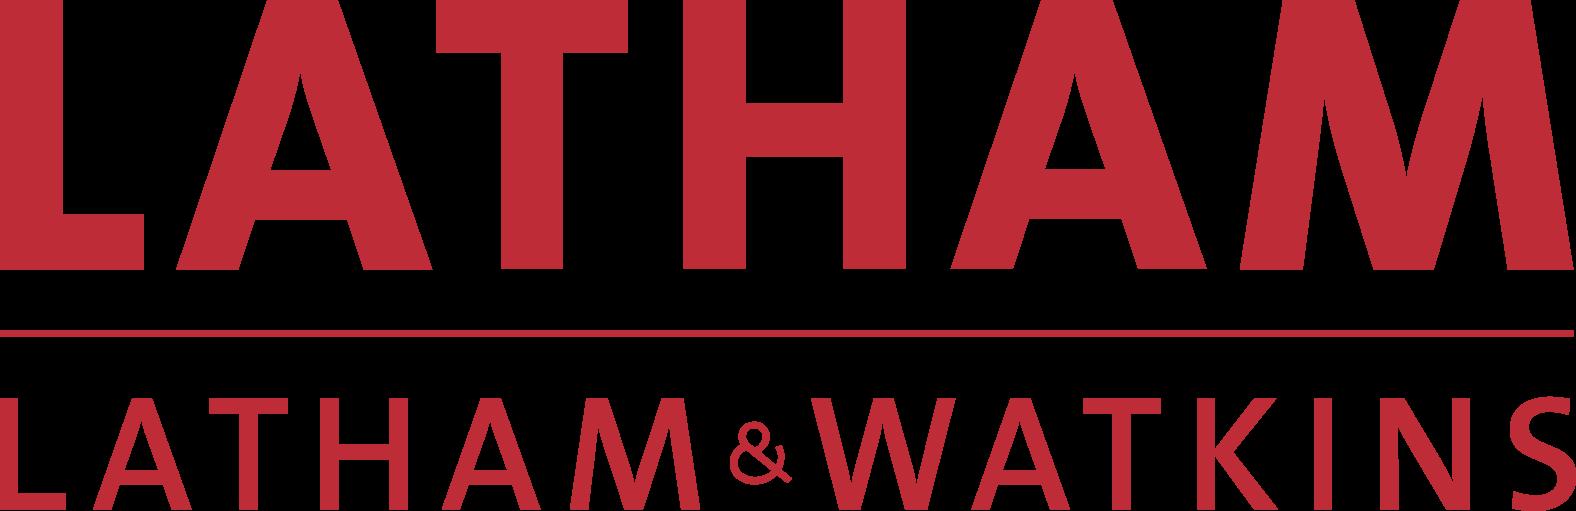 Sponsor-Logo-Latham-Watkins.png